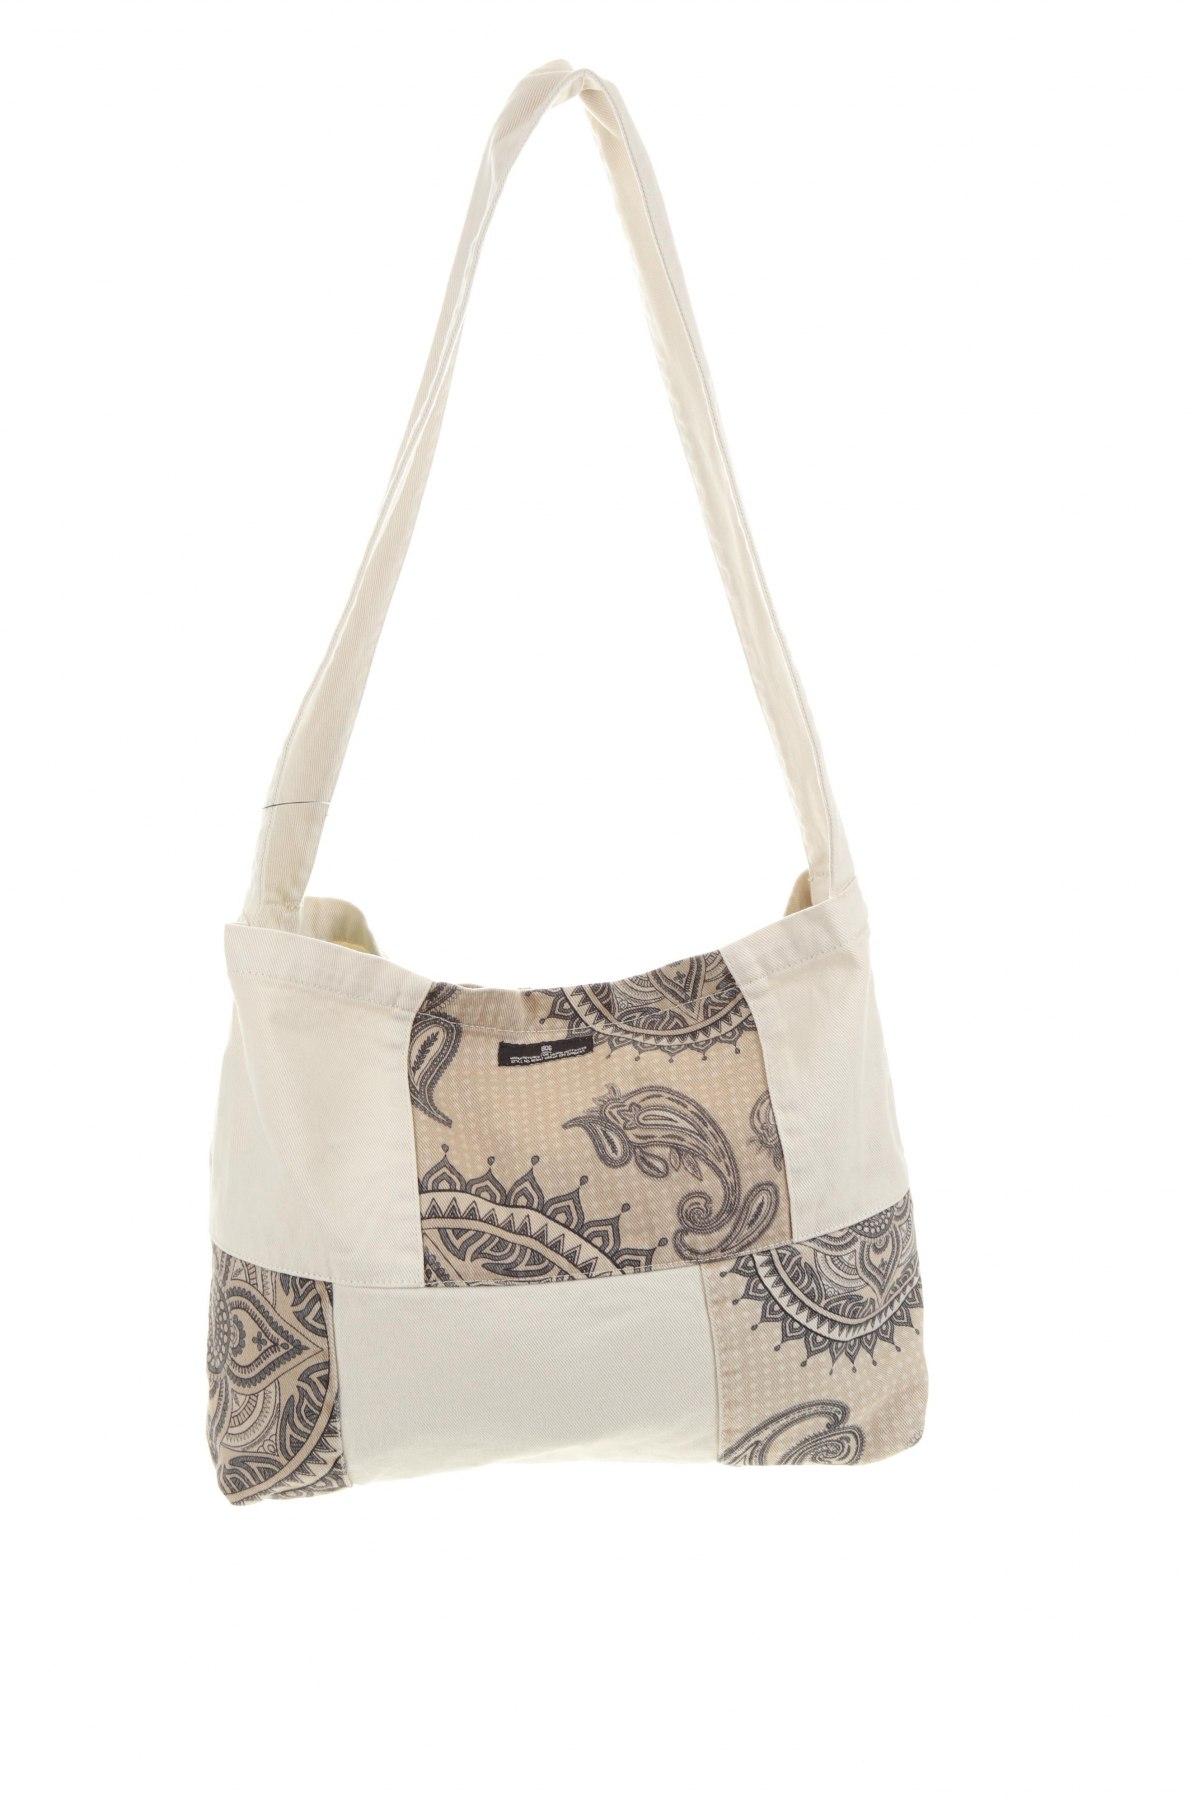 Γυναικεία τσάντα Urban Outfitters, Χρώμα Εκρού, Κλωστοϋφαντουργικά προϊόντα, Τιμή 24,74€